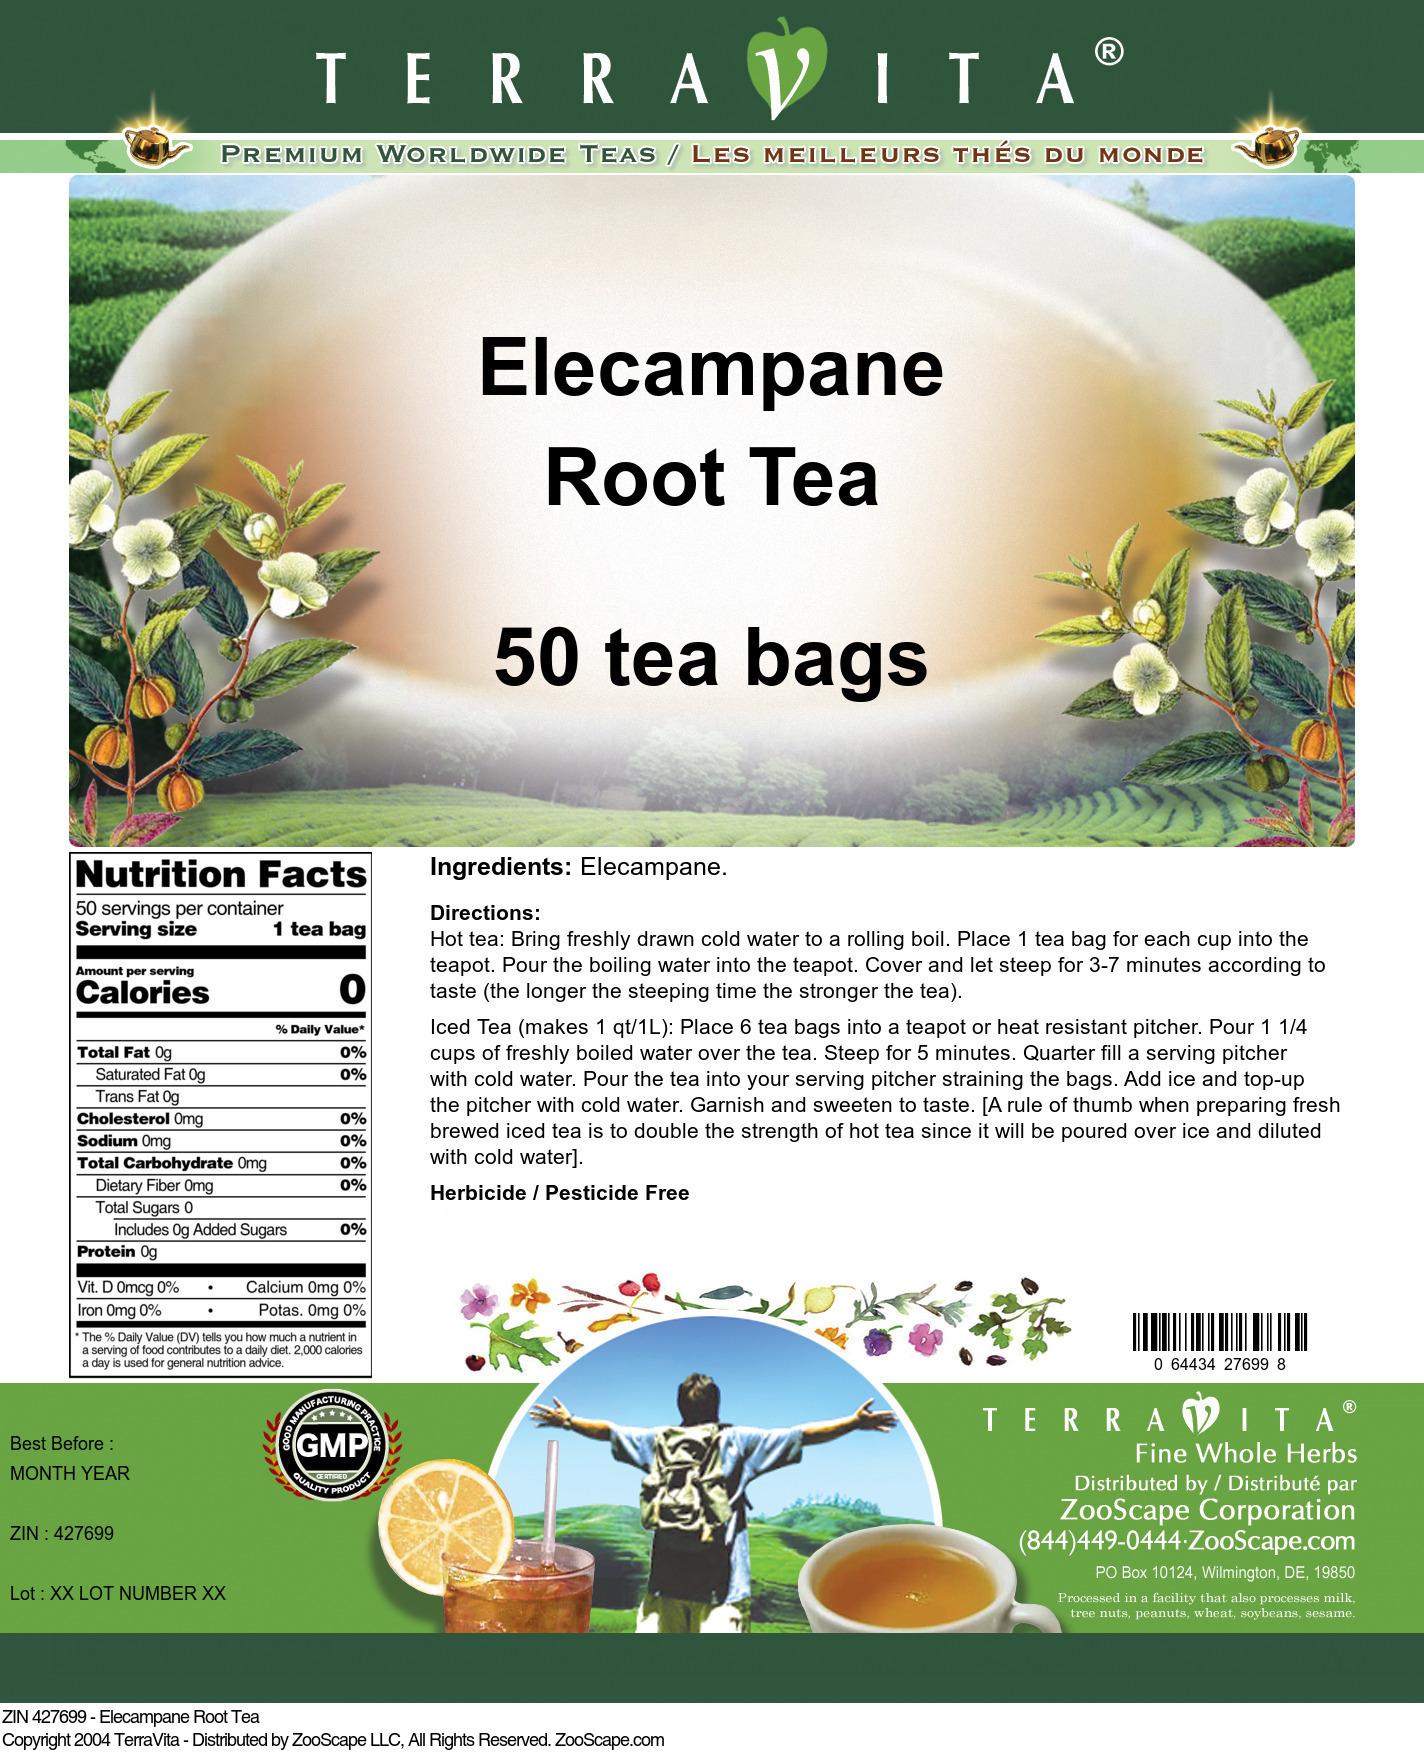 Elecampane Root Tea